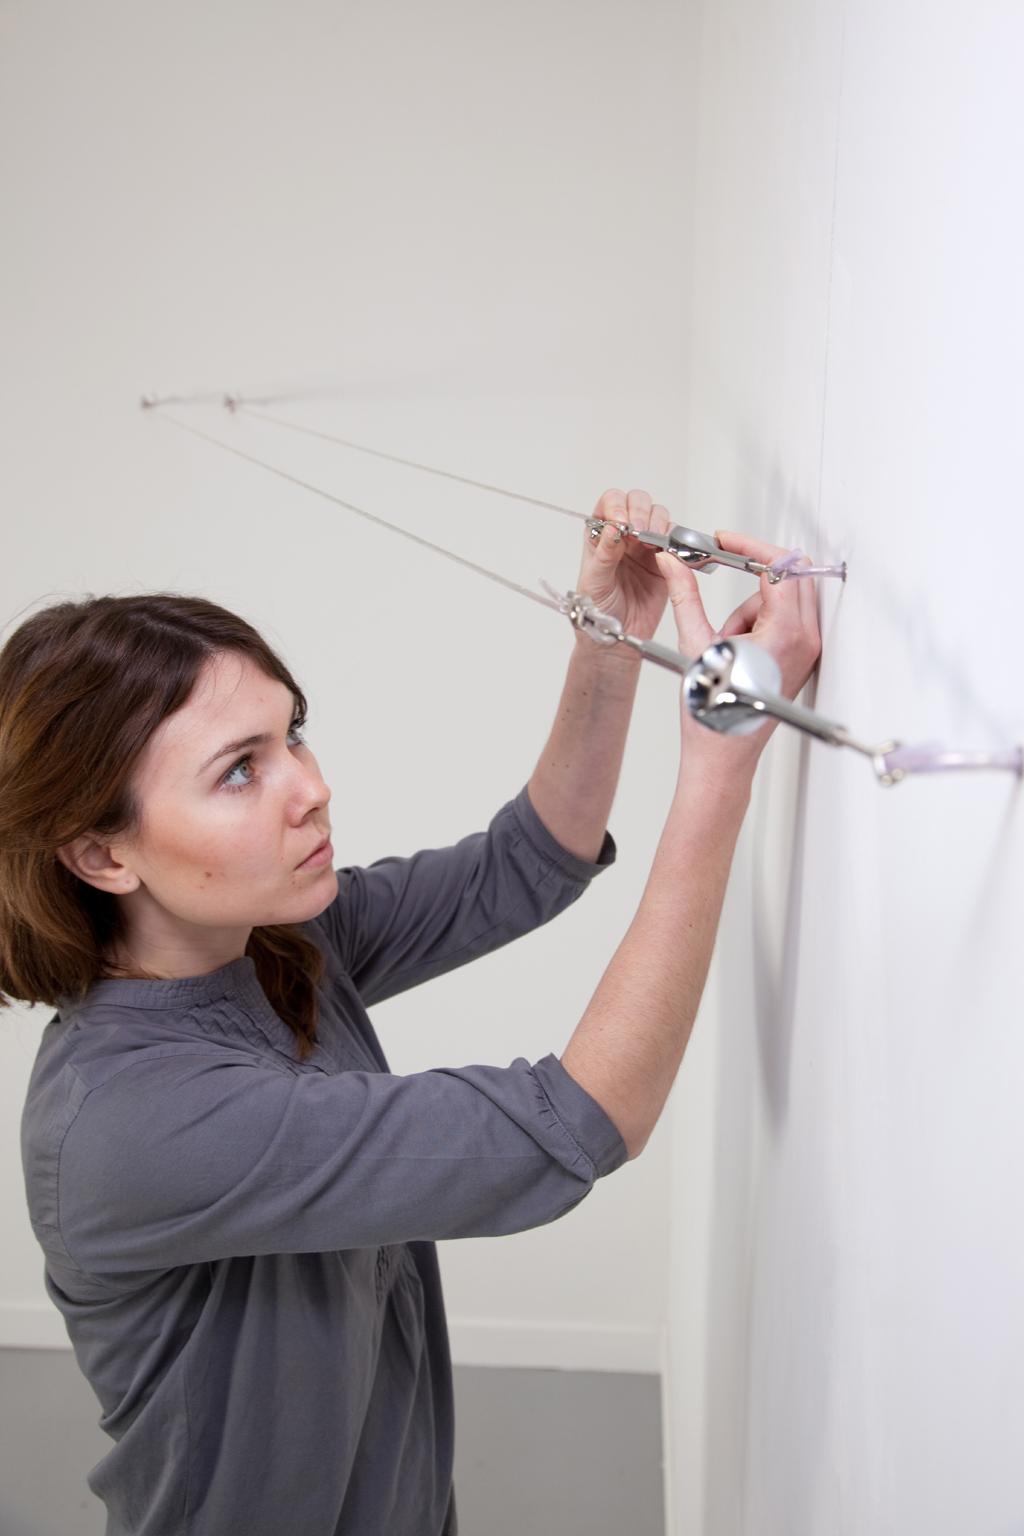 Installer un éclairage sur câble basse tension